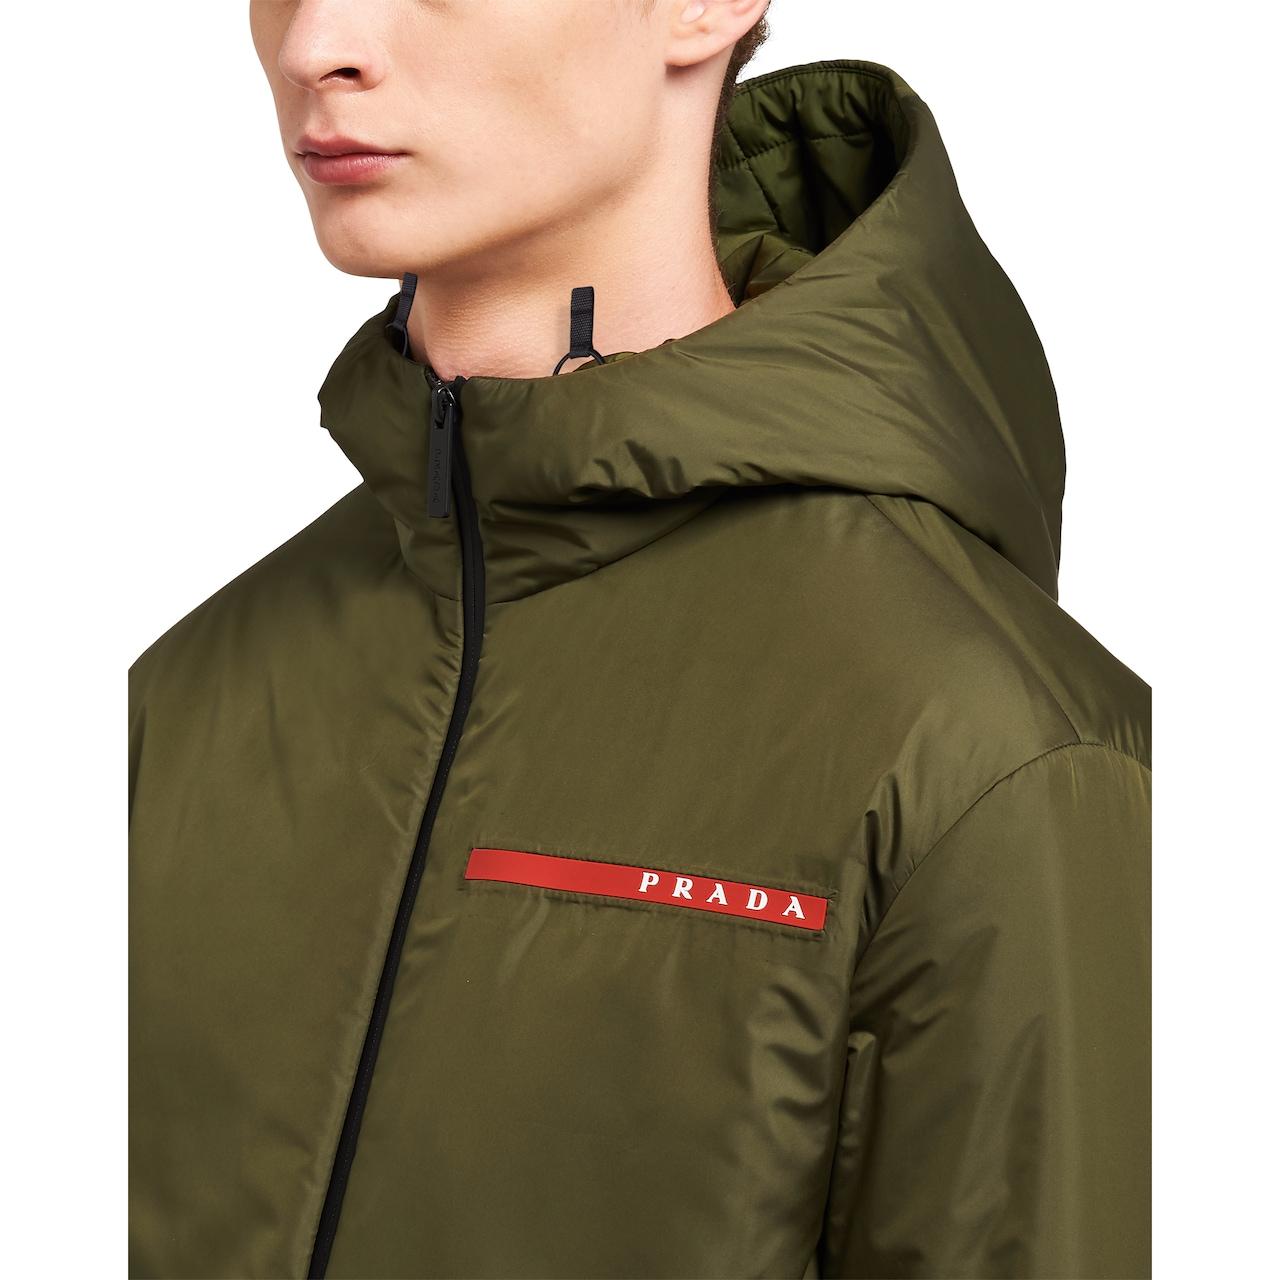 LR-MX008 technical nylon jacket